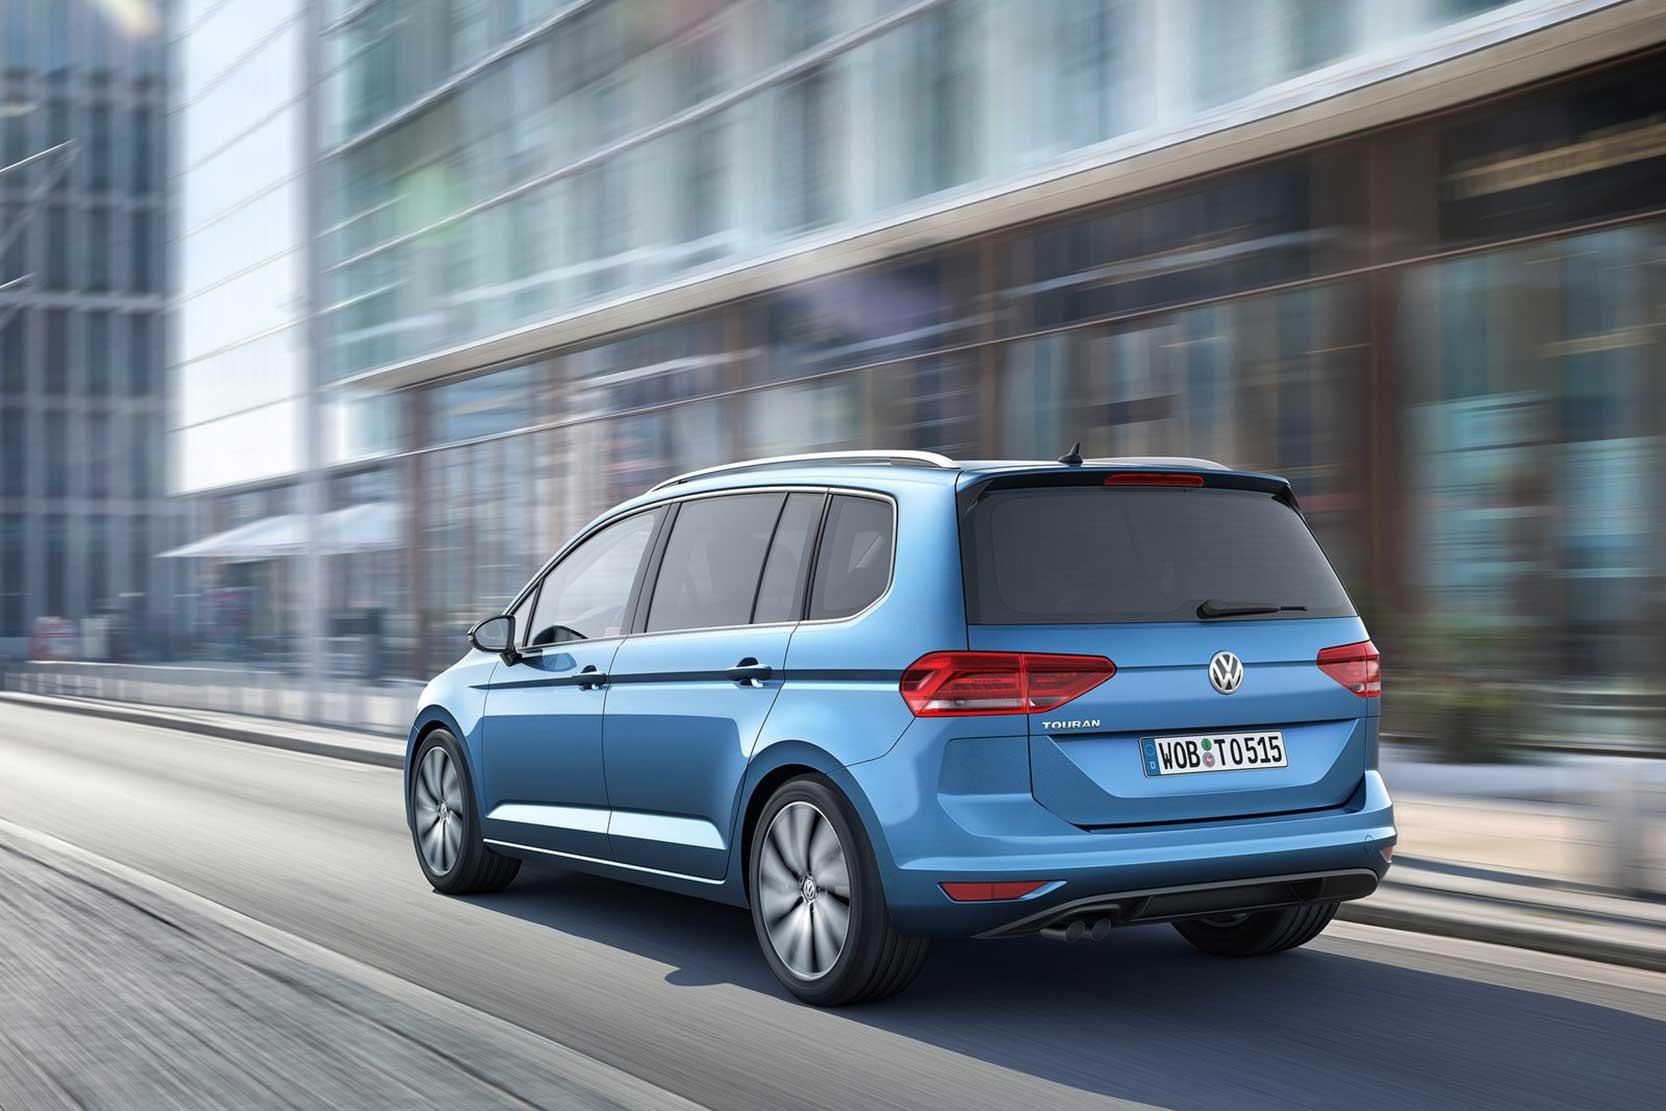 Fiche technique Volkswagen Touran 1.5 TSI EVO 150 2020